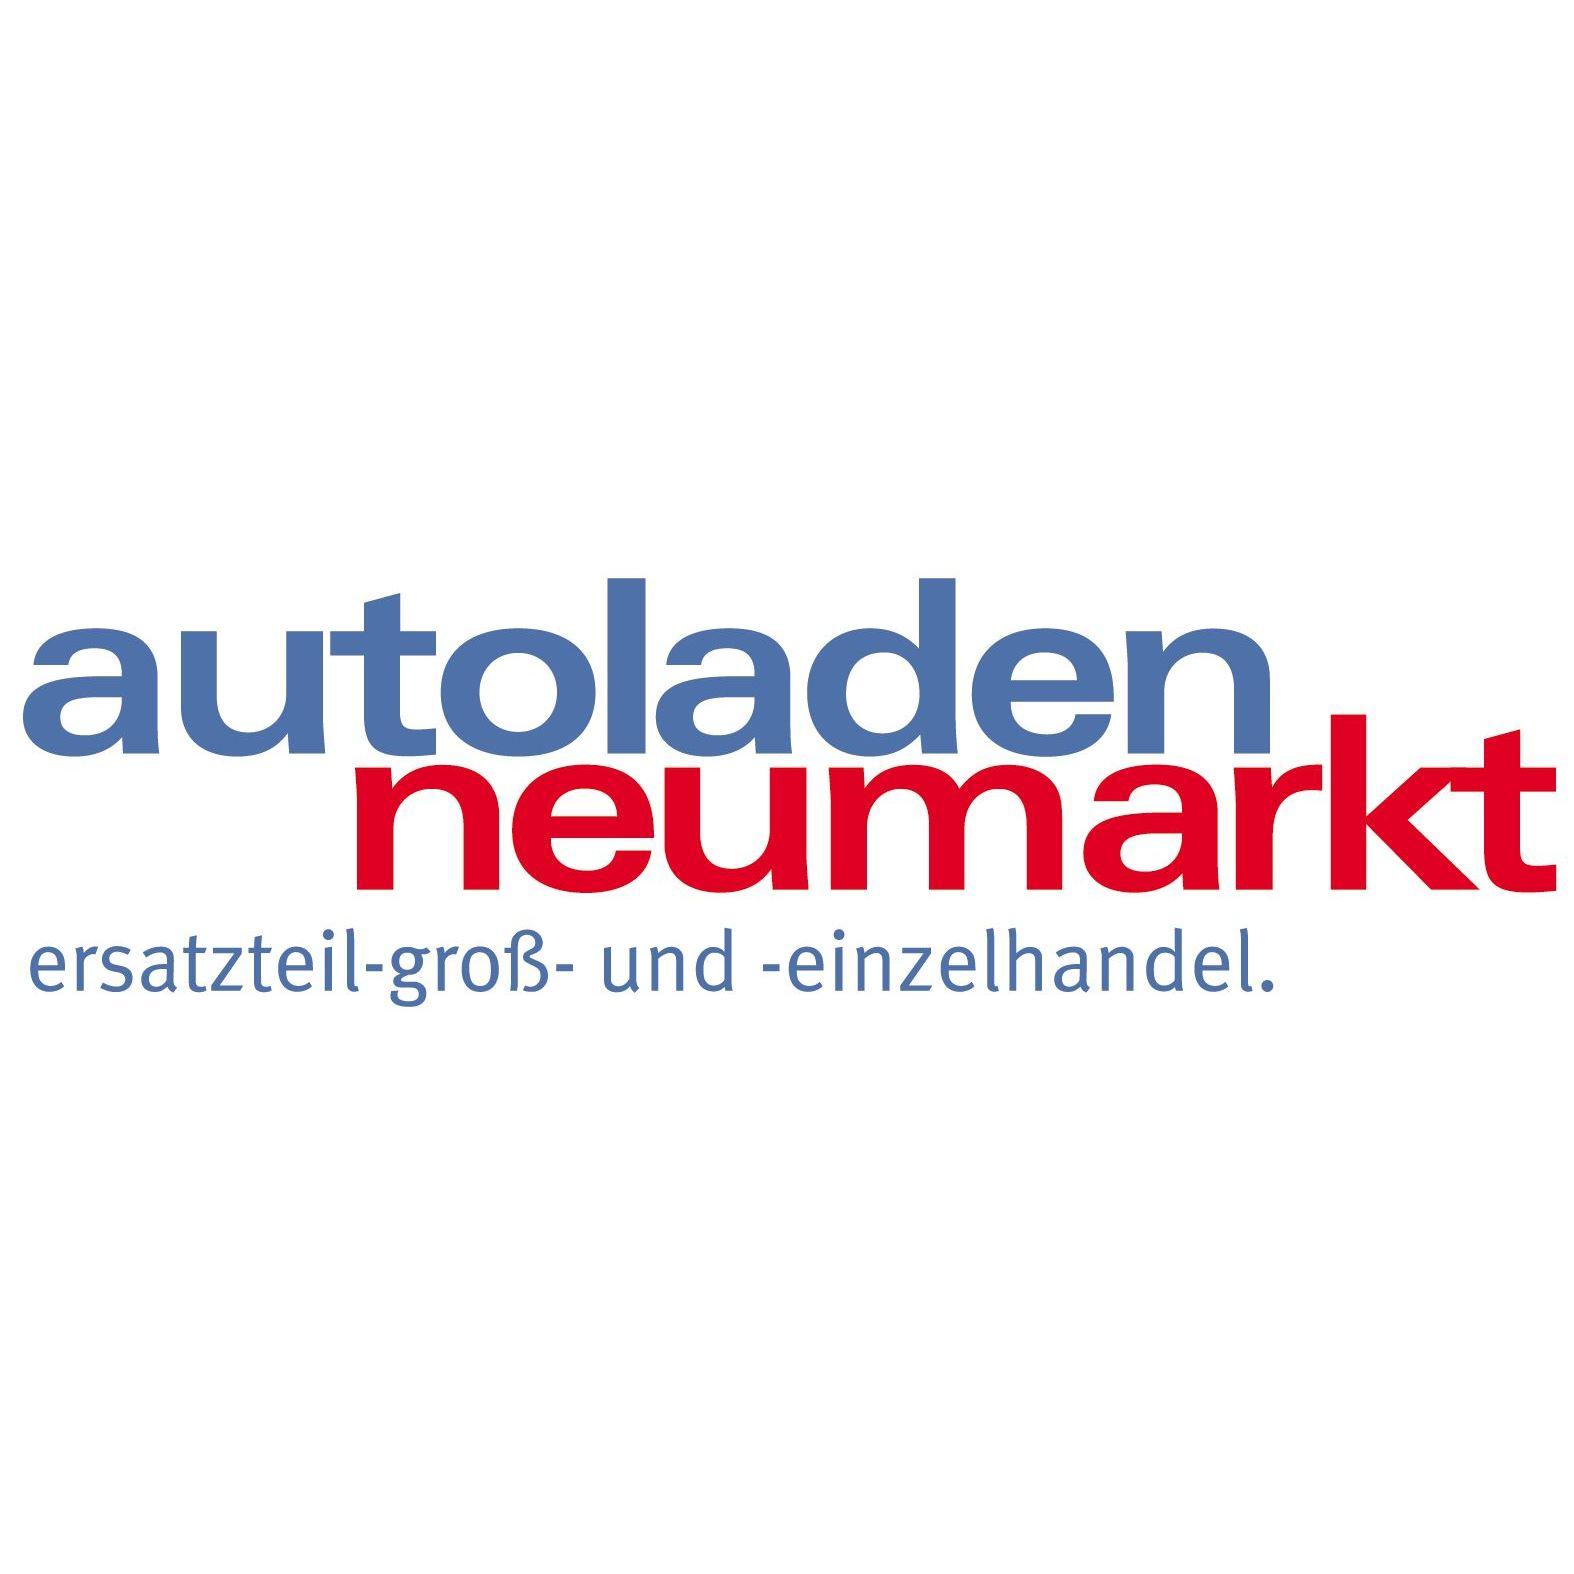 Autoladen Neumarkt GmbH & Co. KG